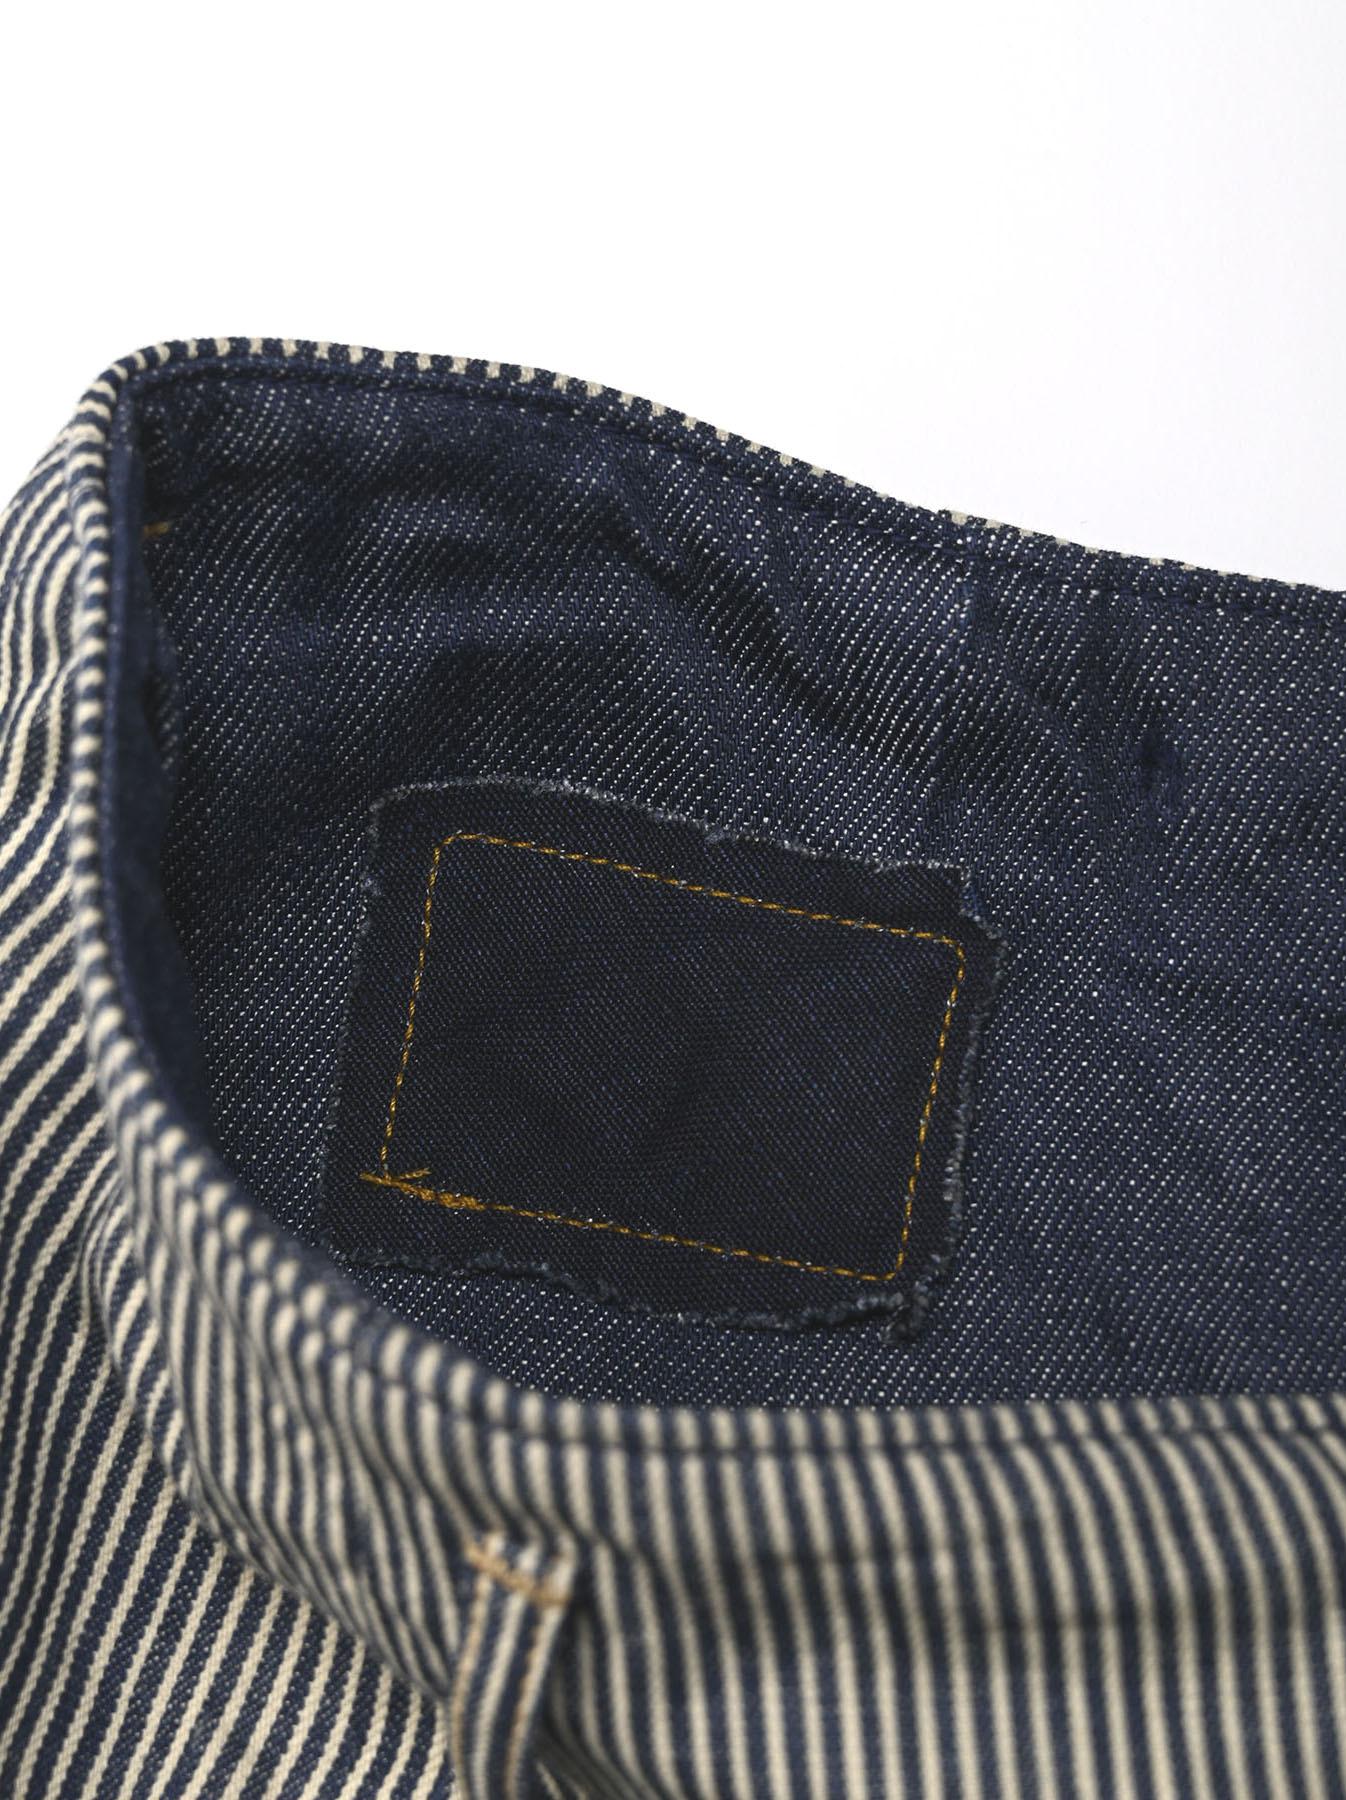 Denim Gathered Culottes Skirt(0721)-11